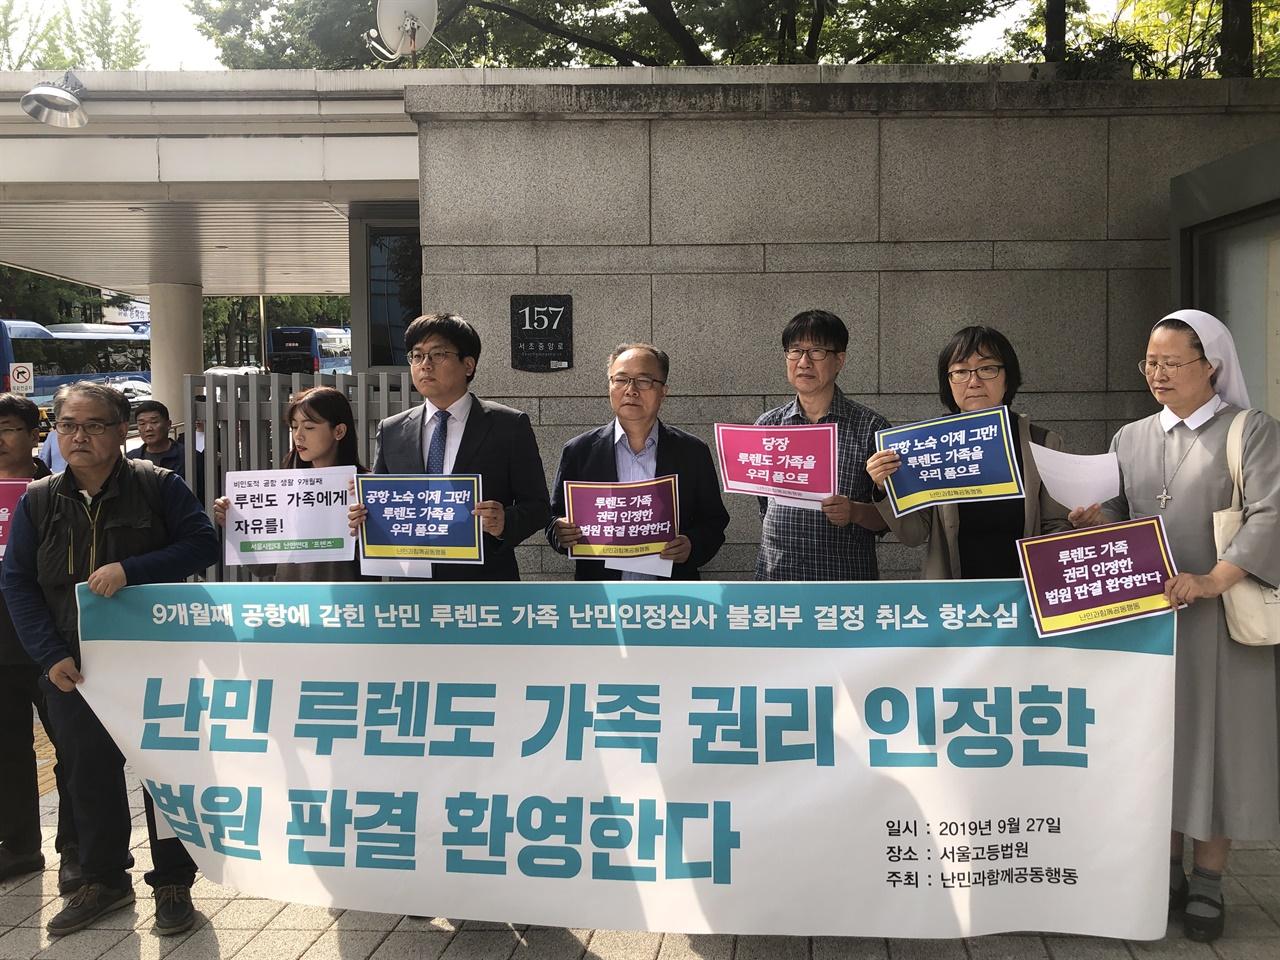 승소 후 기자회견을 하는 변호사들과 난민인권단체